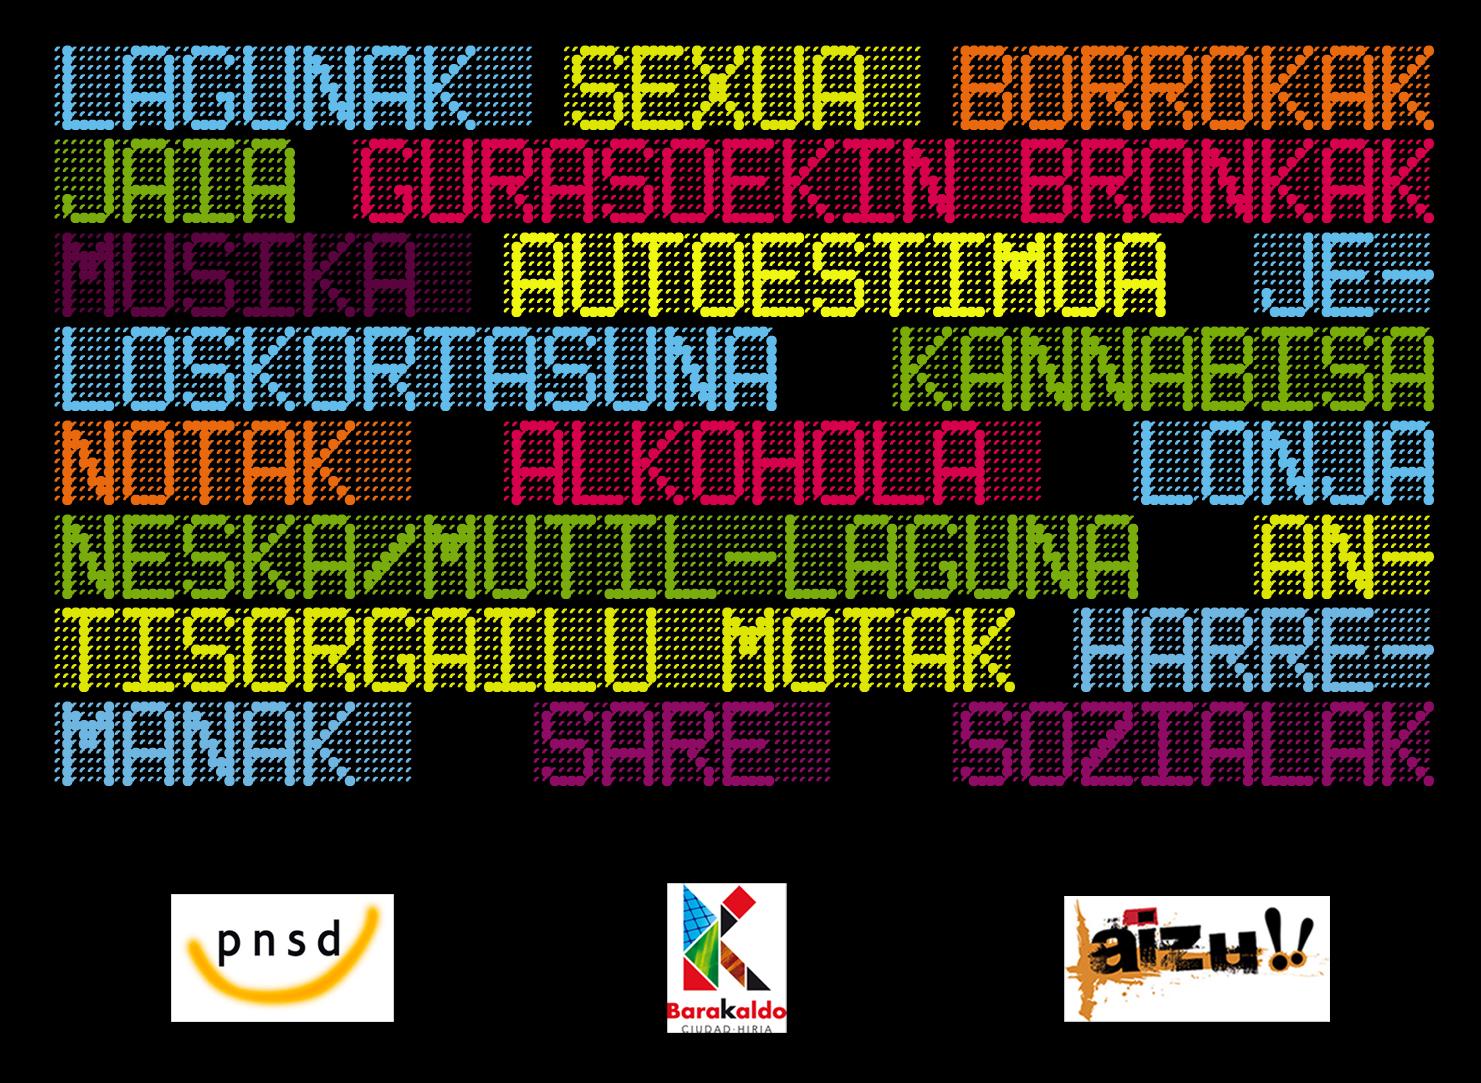 folleto portada euskera